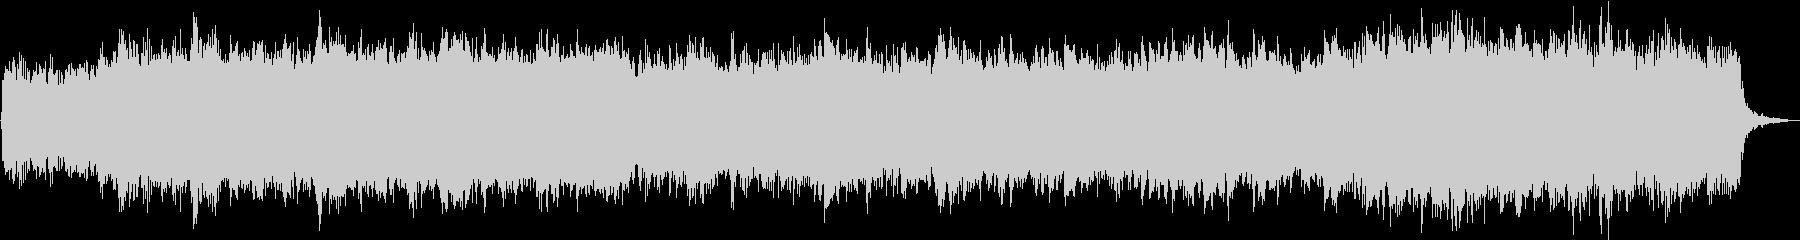 弦楽とハープシコードのロマンチックな曲の未再生の波形